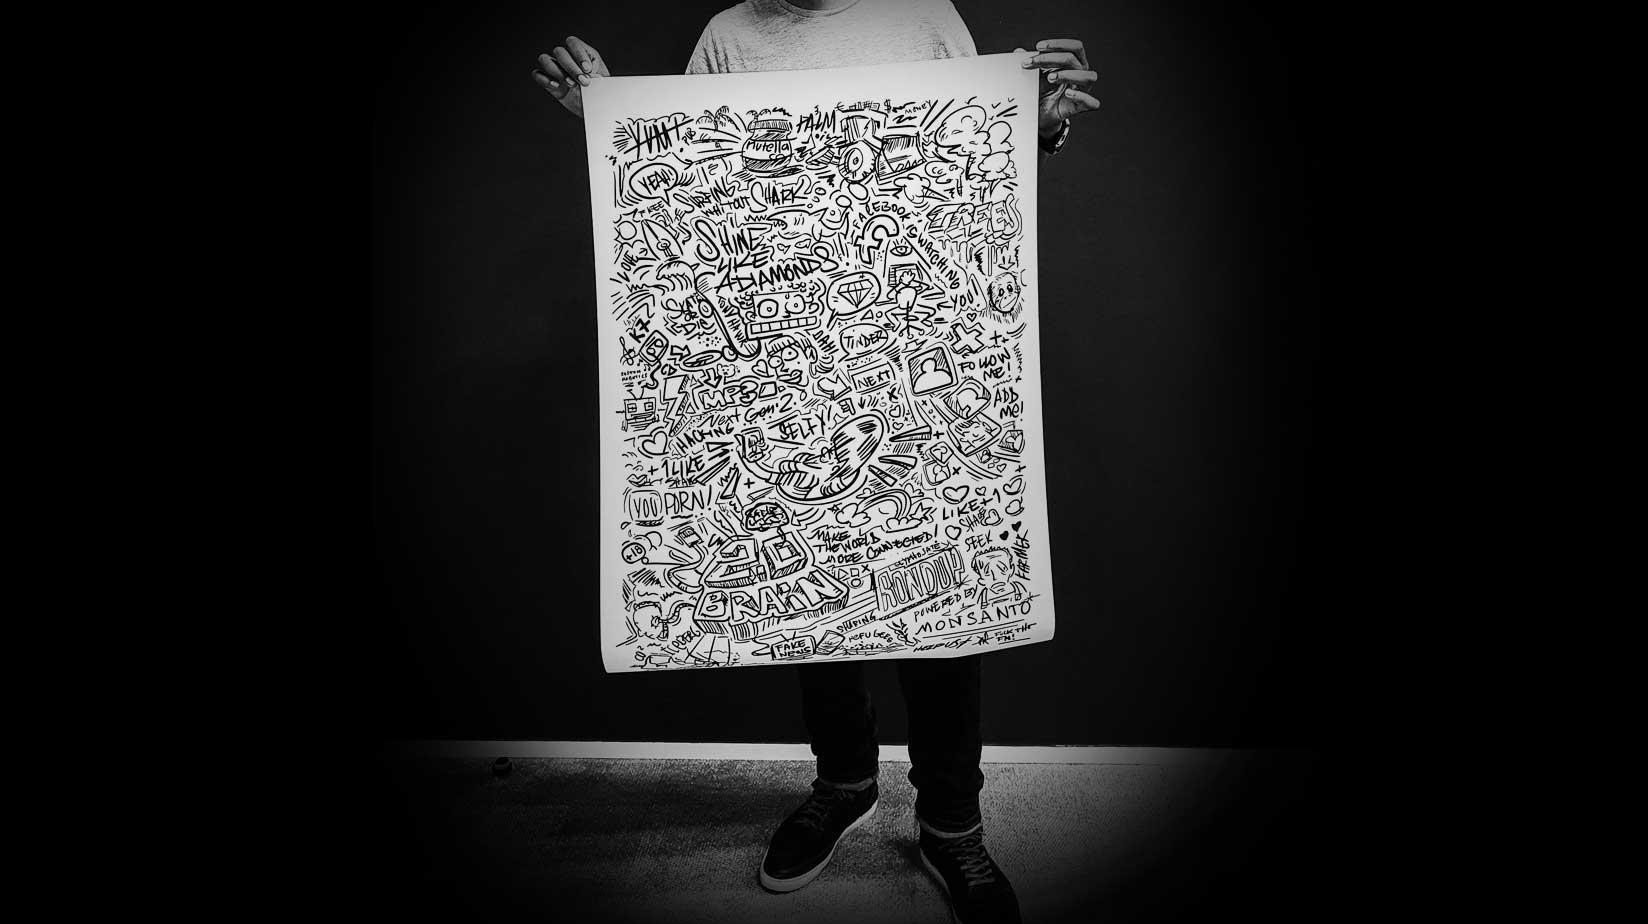 NOTTE | Laurent NOTTE | doodle art - DOODLE